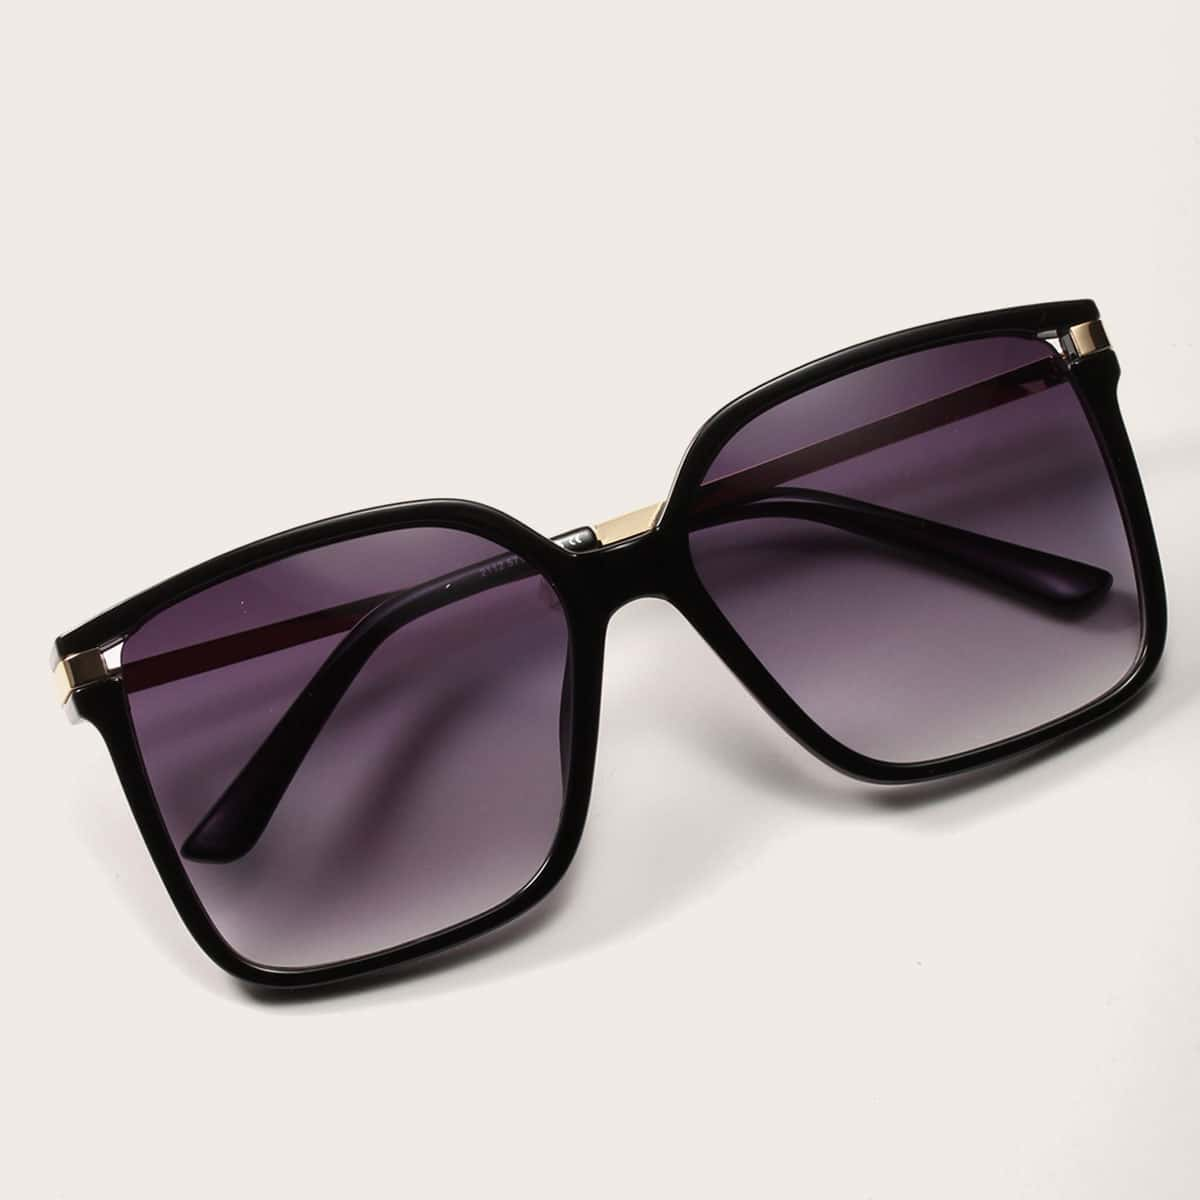 Солнечные очки с квадратной рамкой и футляром